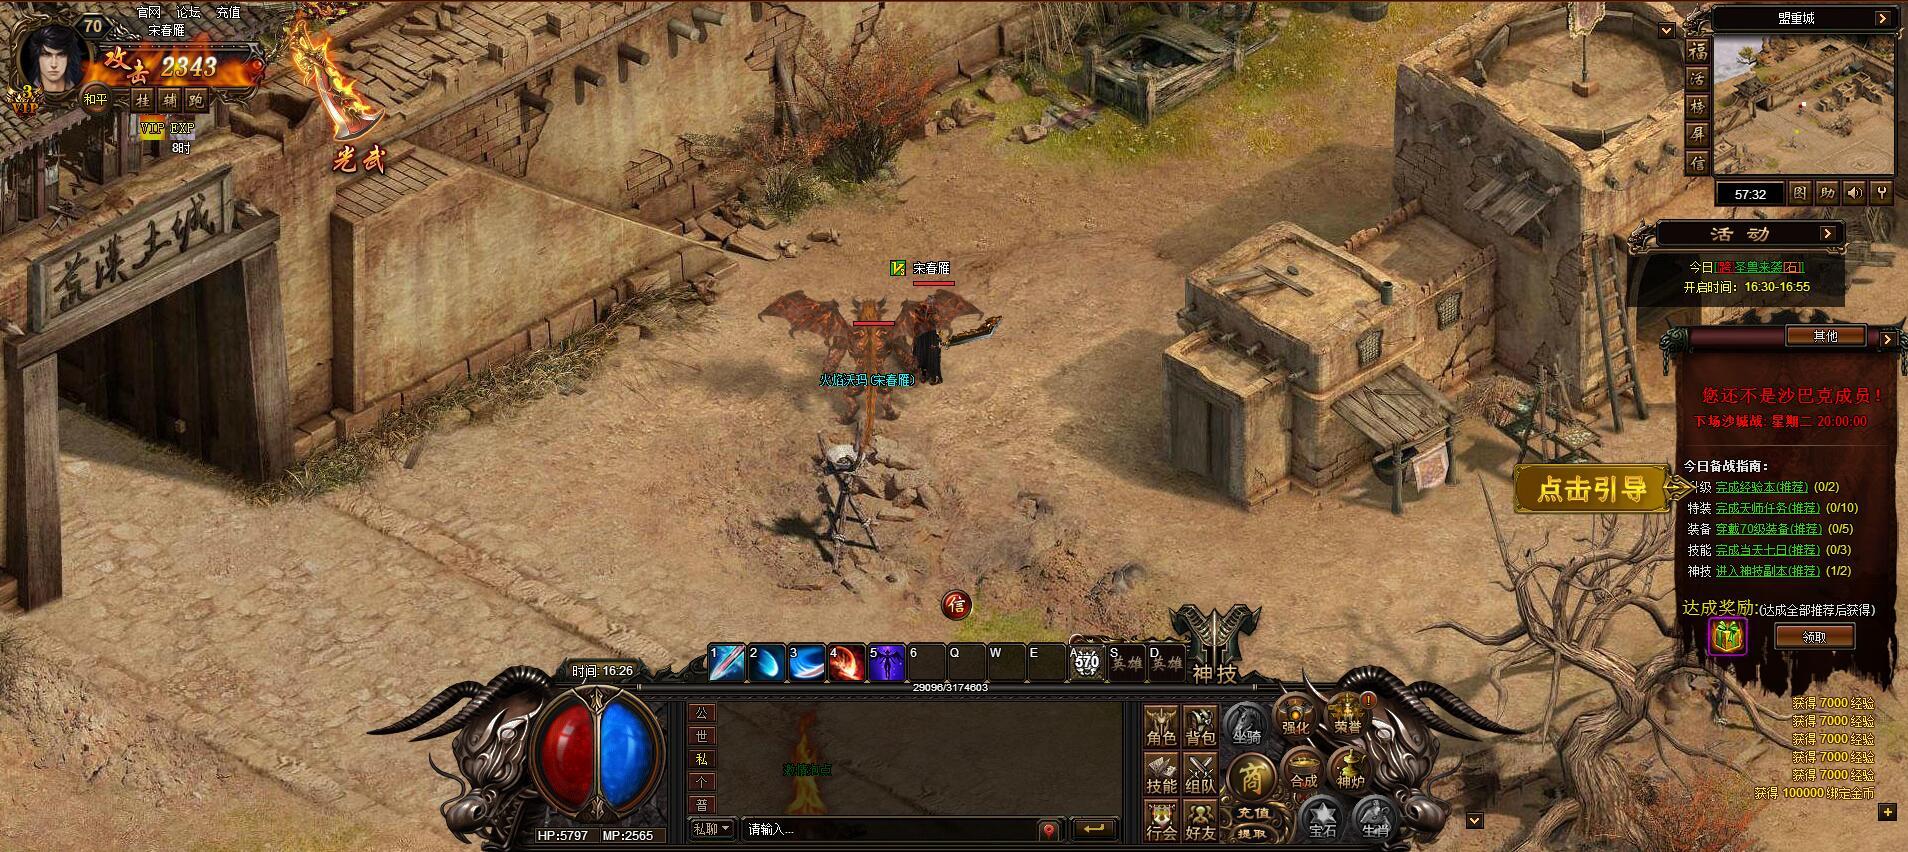 死神传奇游戏截图5